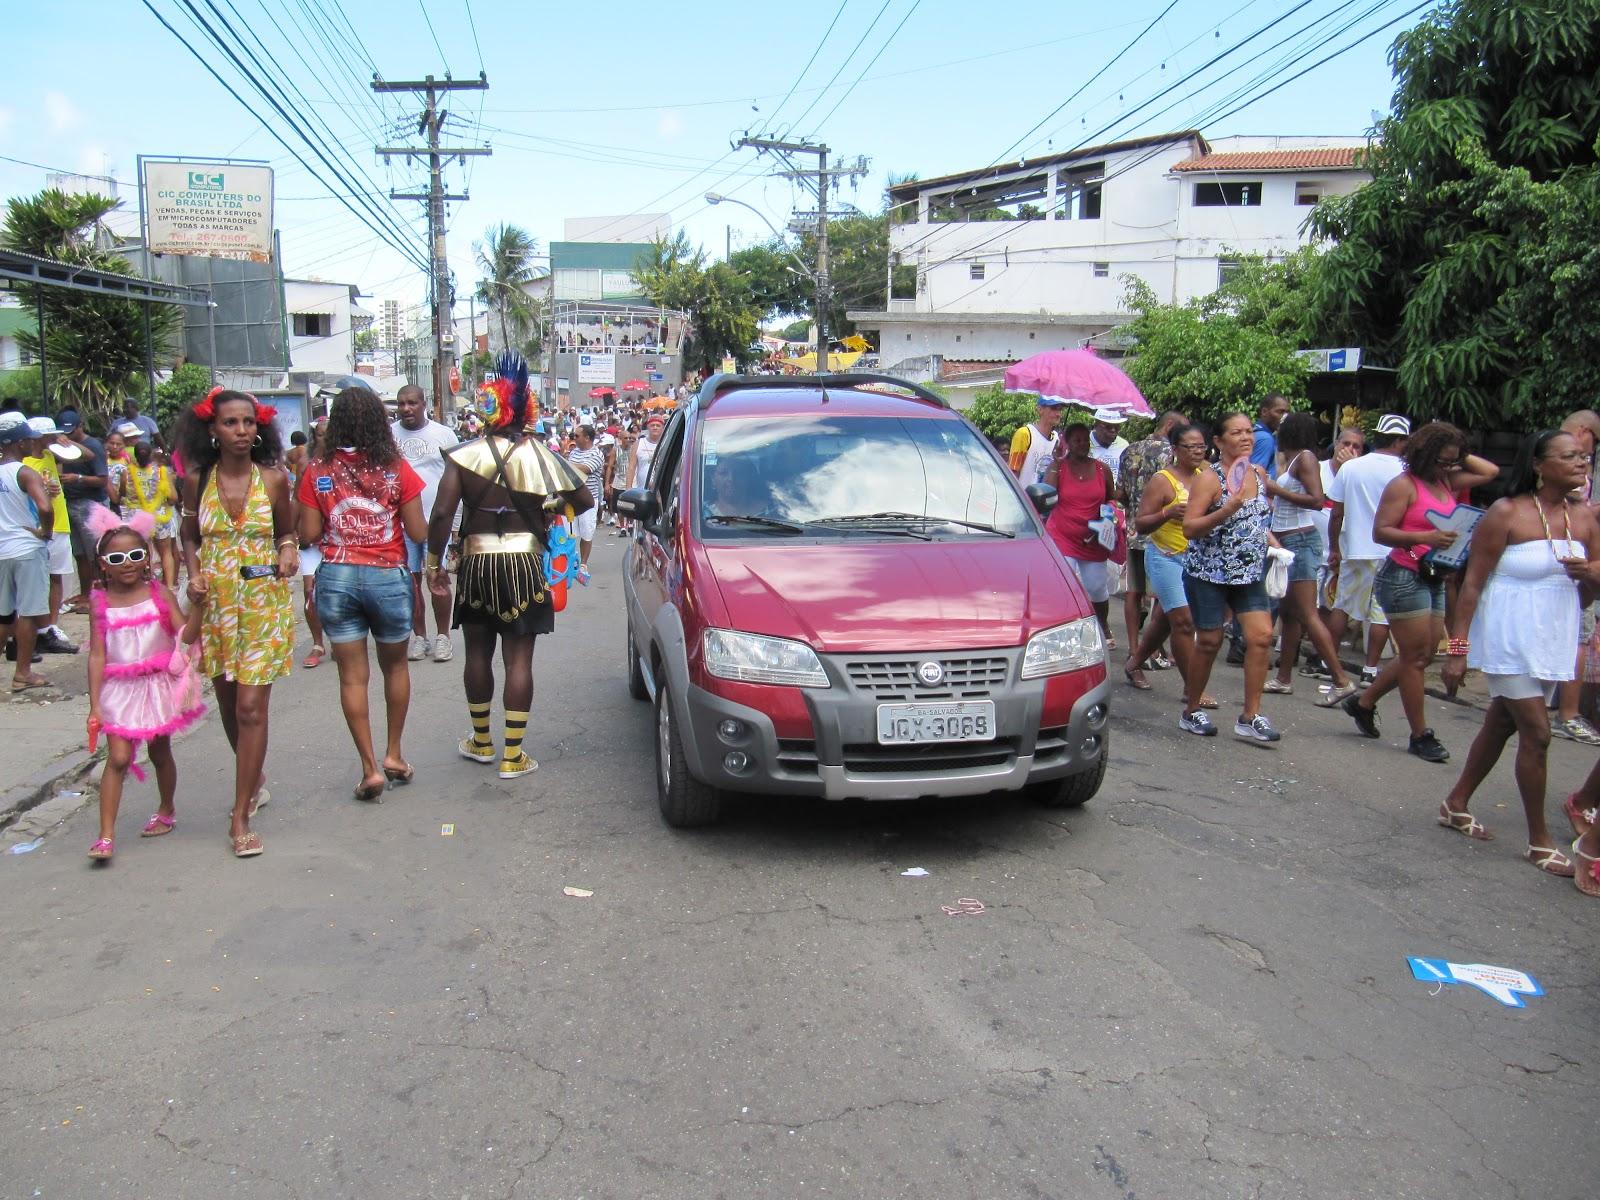 Irreverência e alegria da Mudança do Garcia Blog do Rio Vermelho  #307B9B 1600x1200 Atenção Banheiro Interditado